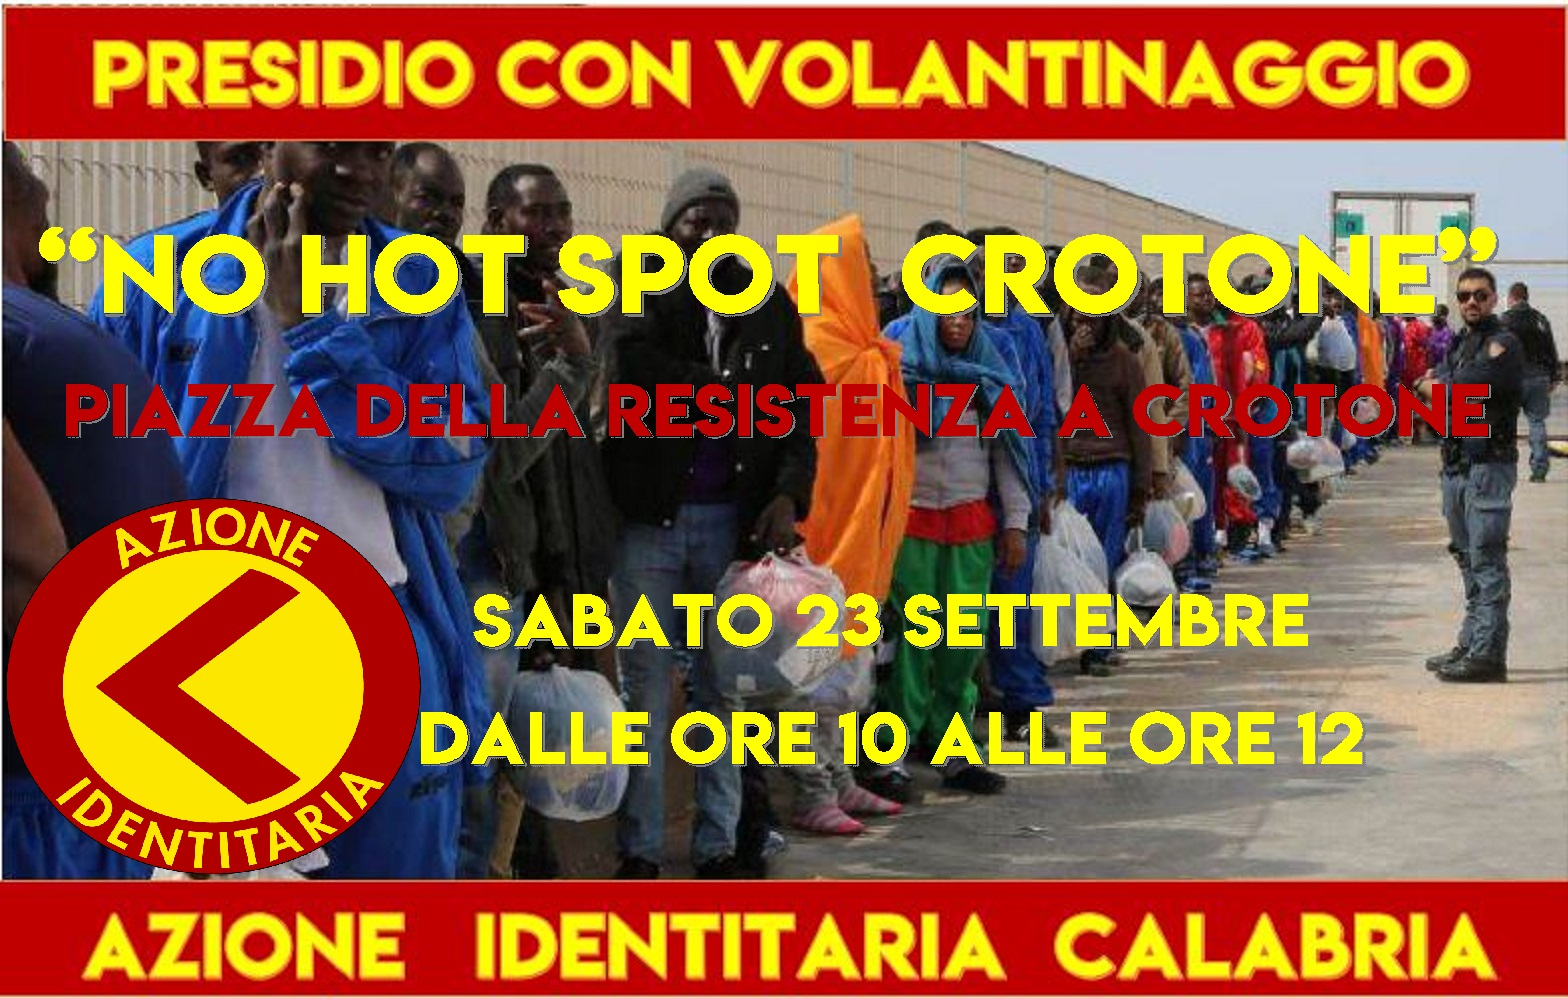 Azione Identitaria contro apertura hotspot - LameziaTerme.it